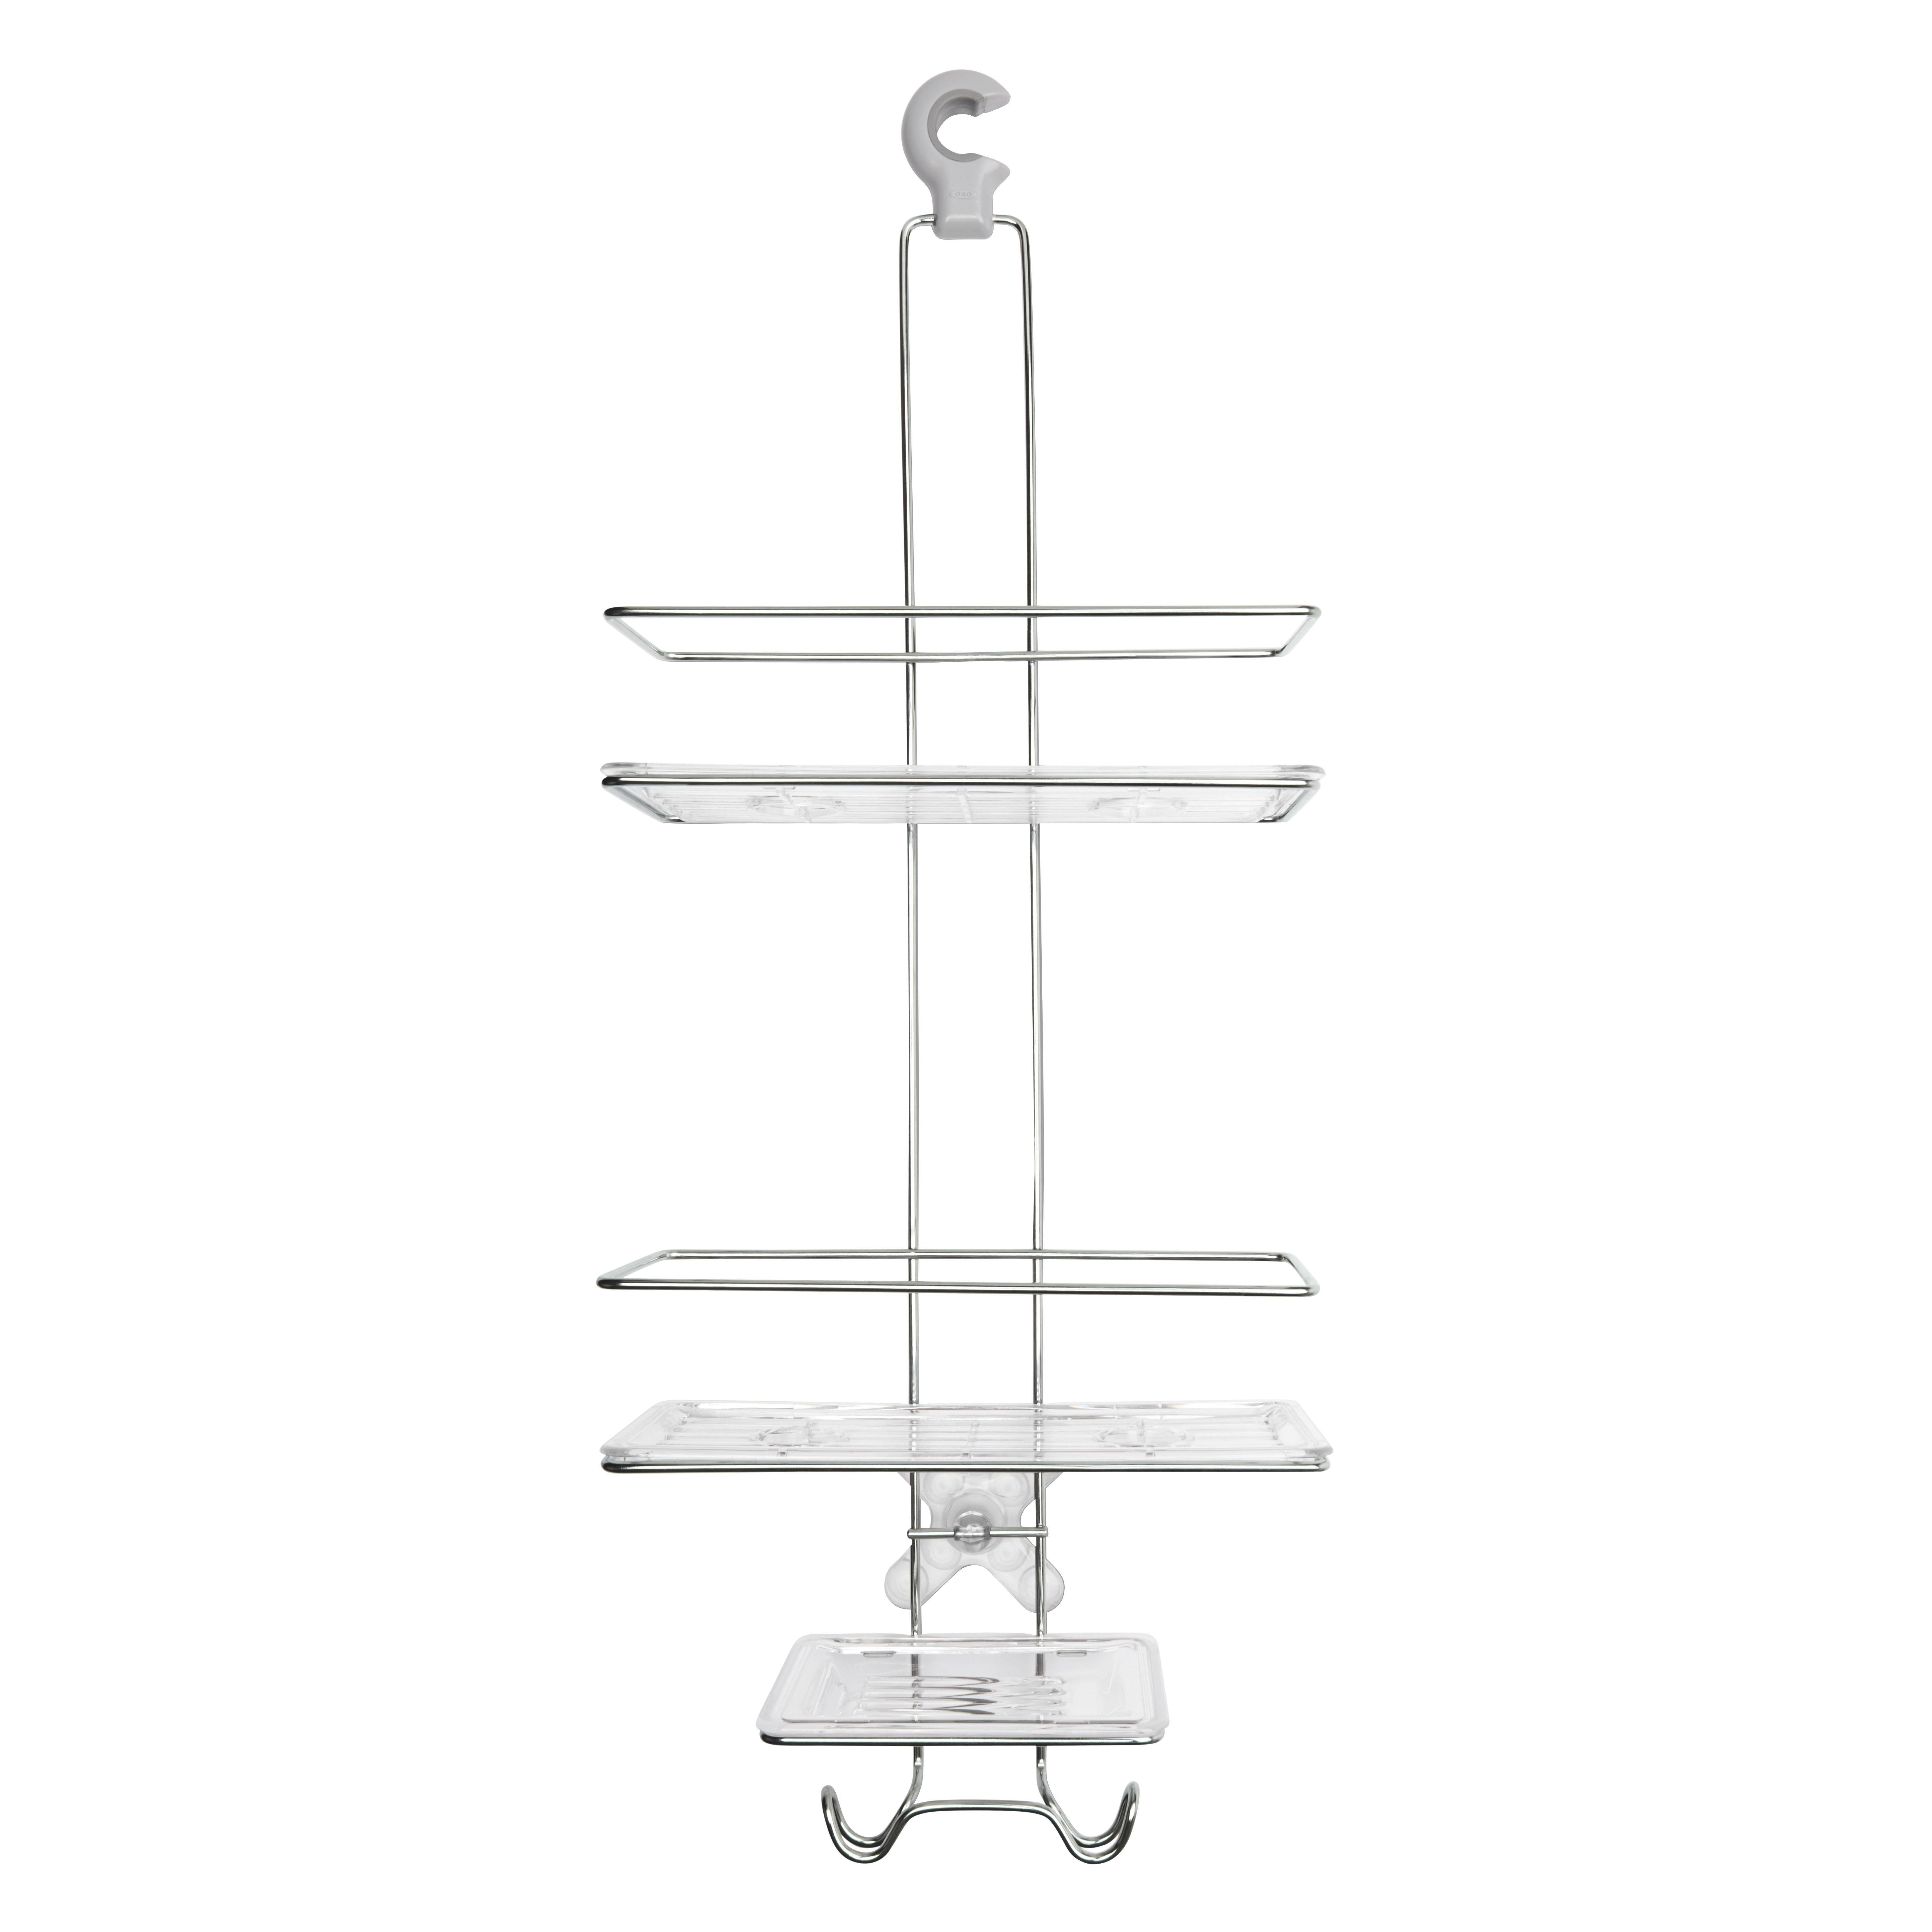 Enjoyable Oxo Good Grips Shower Caddy Reviews Wayfair Alphanode Cool Chair Designs And Ideas Alphanodeonline